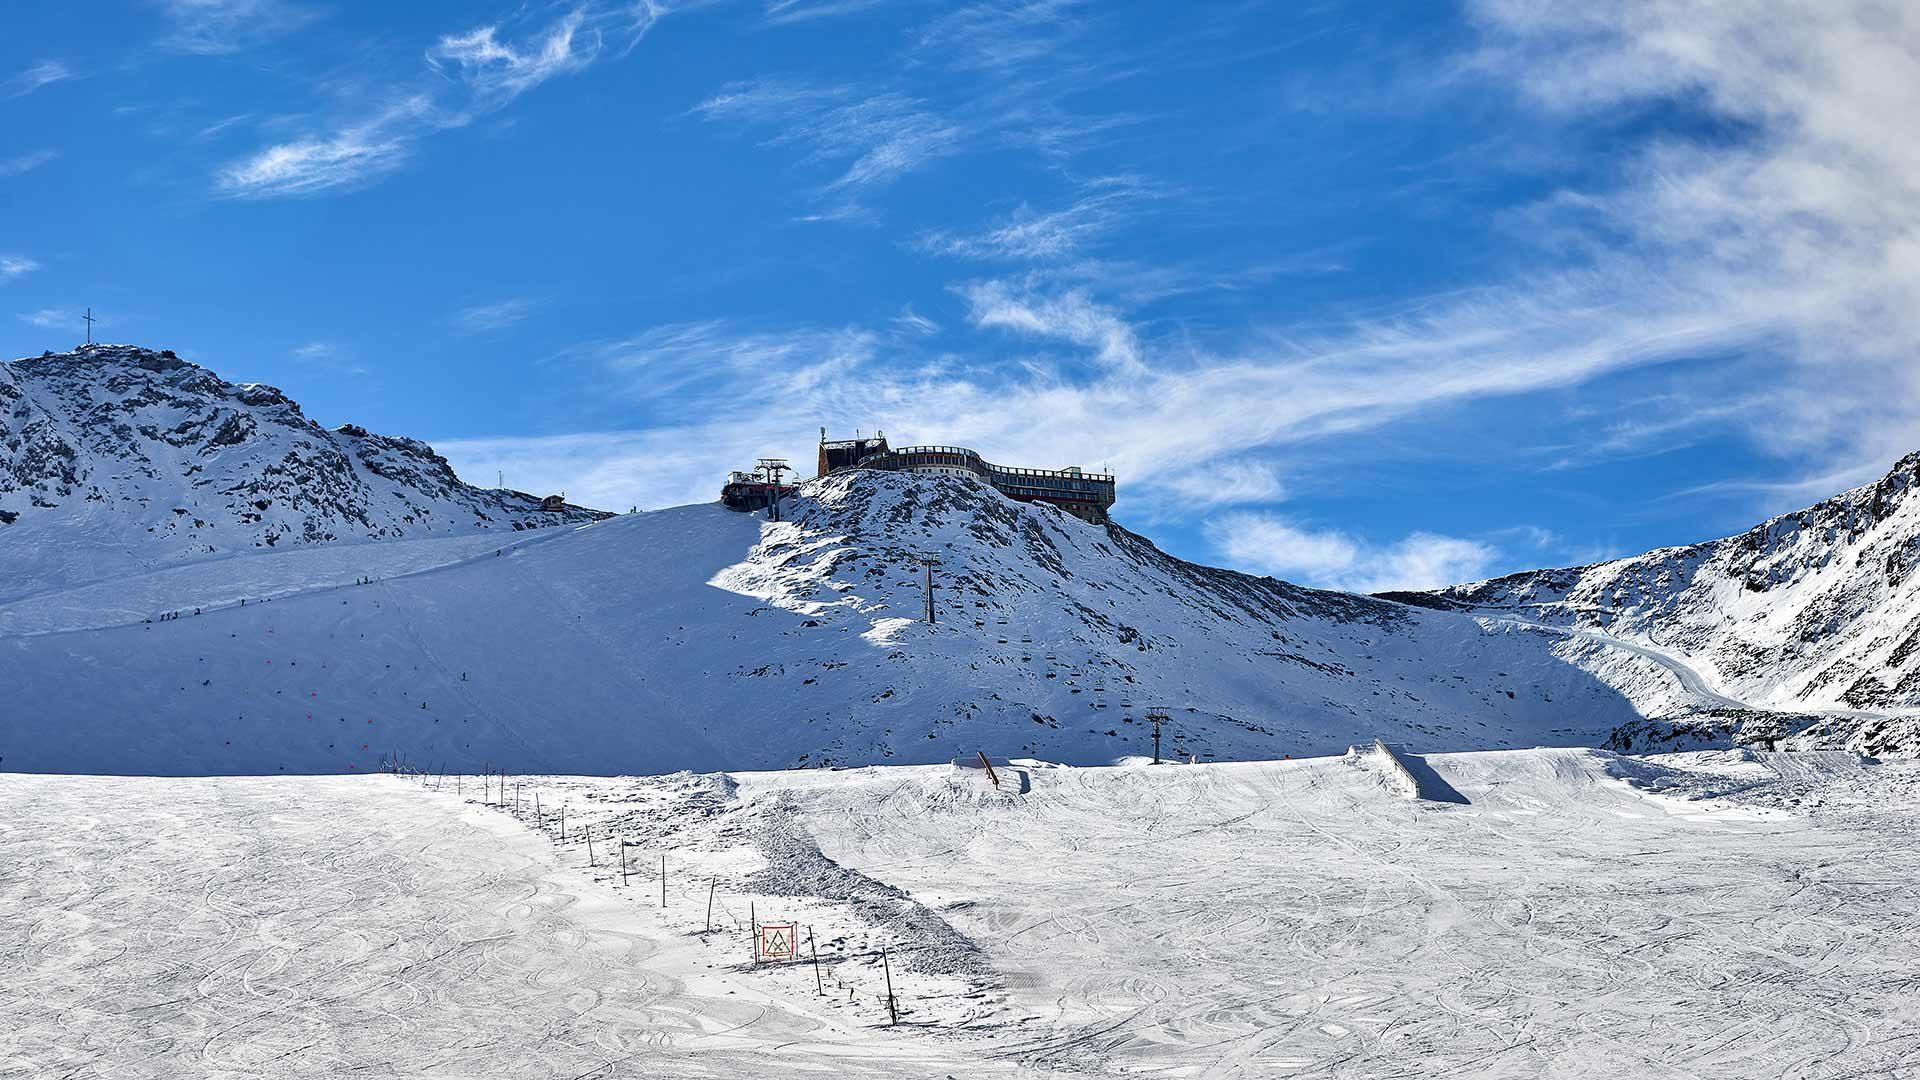 Area sciistica del ghiacciaio di Senales - stazione a monte